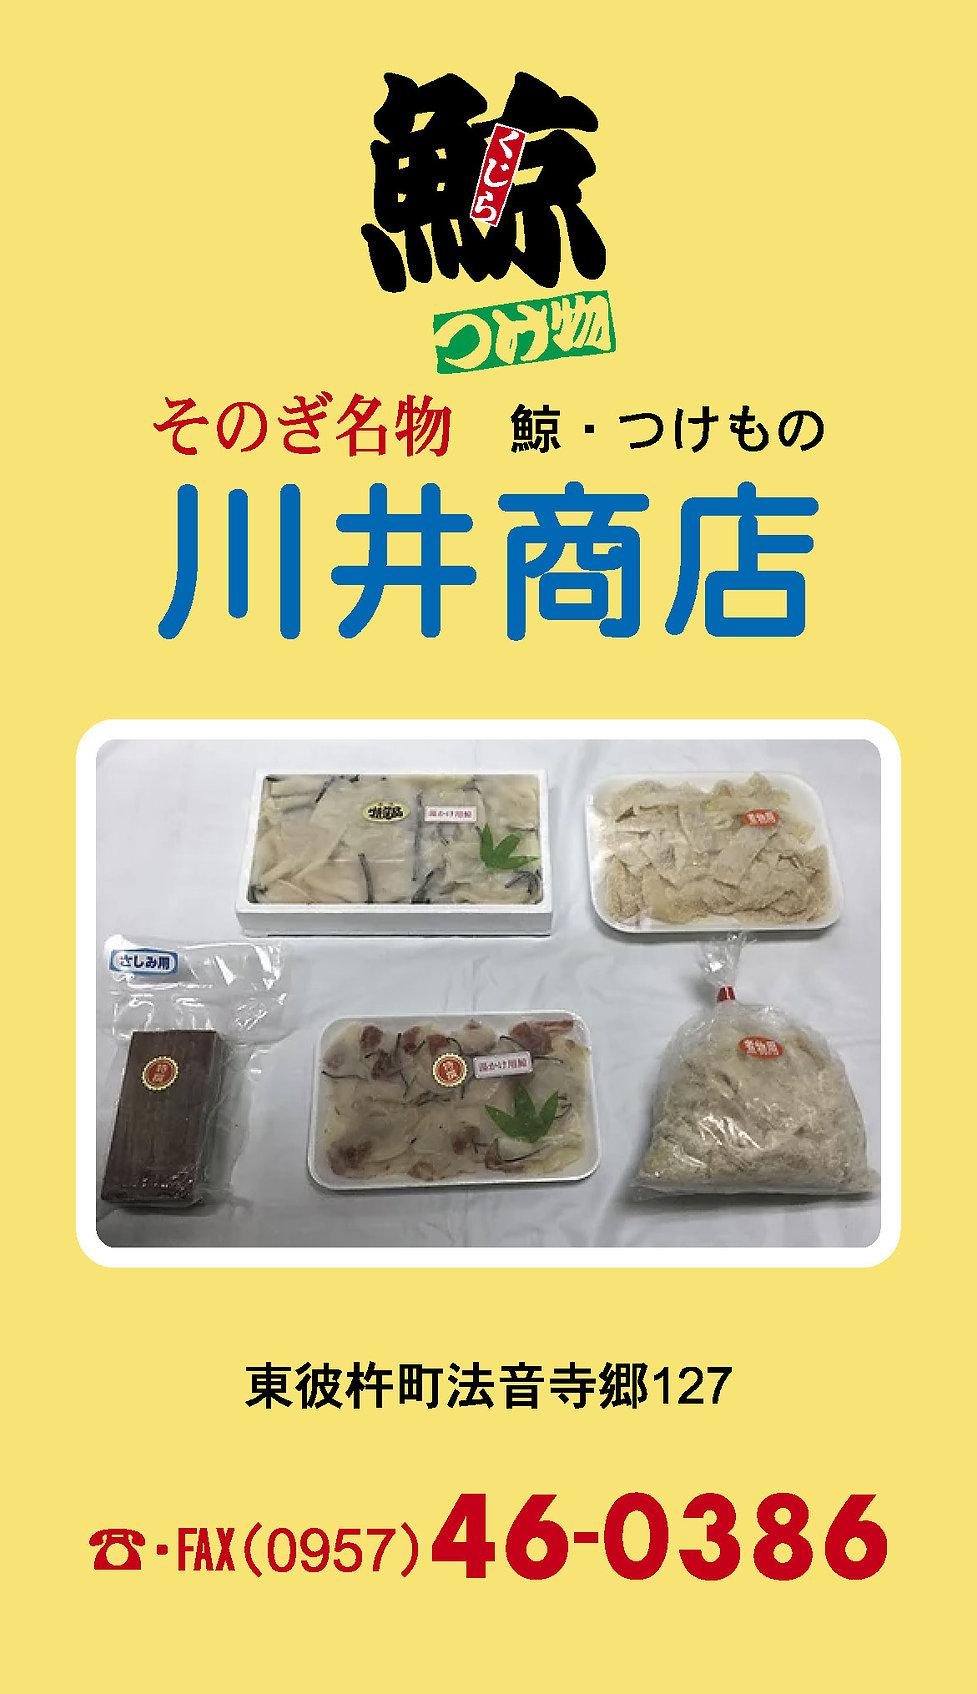 川井商店.jpg